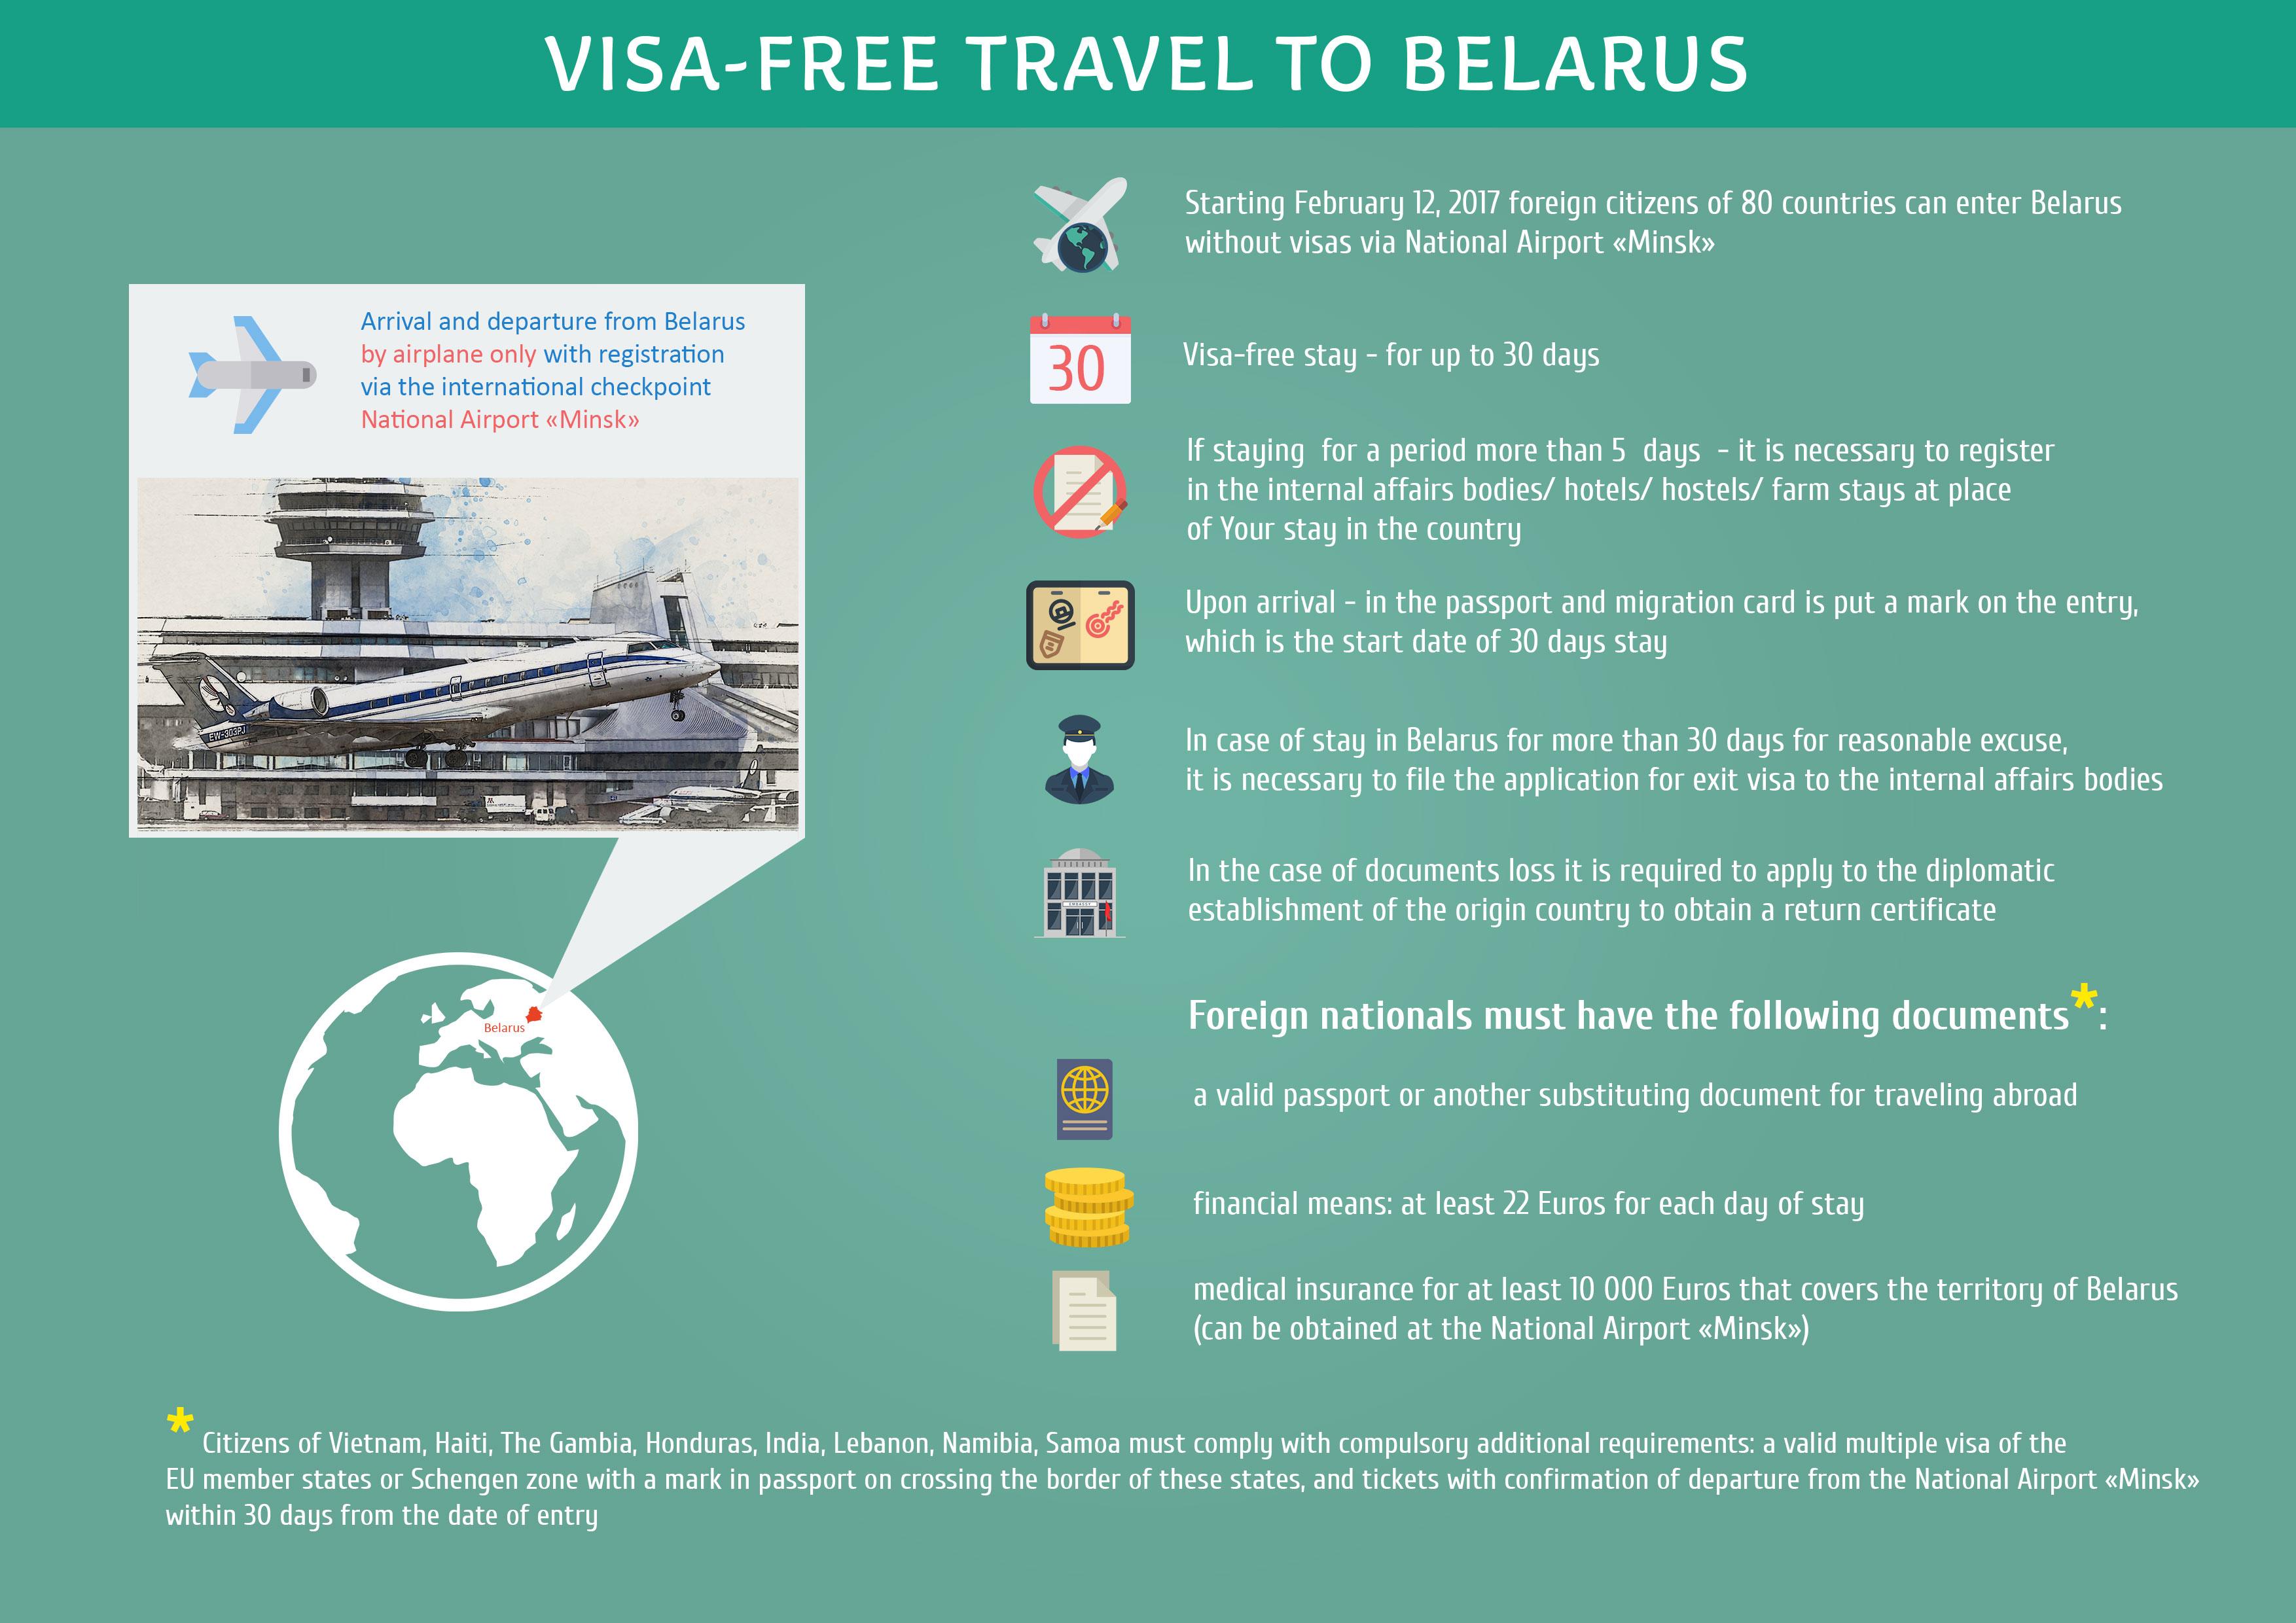 30-days visa free